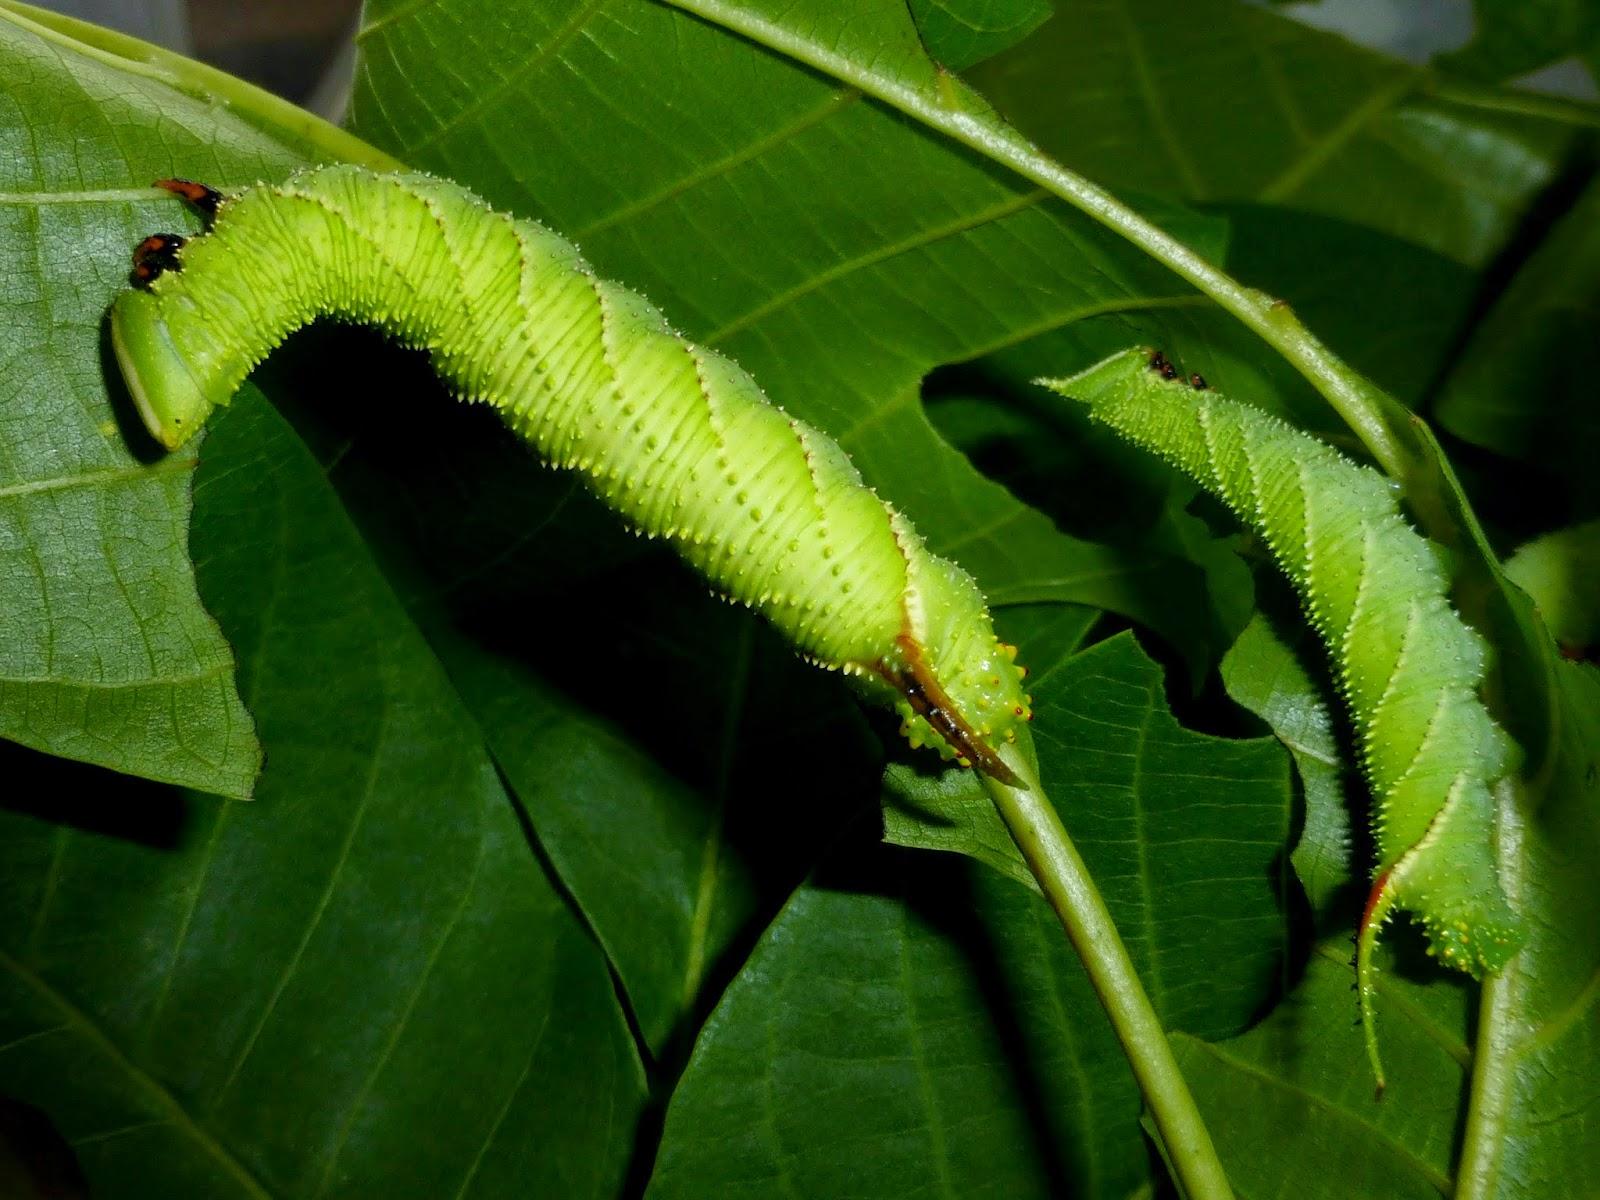 Phyllosphingia dissimilis caterpillar L4